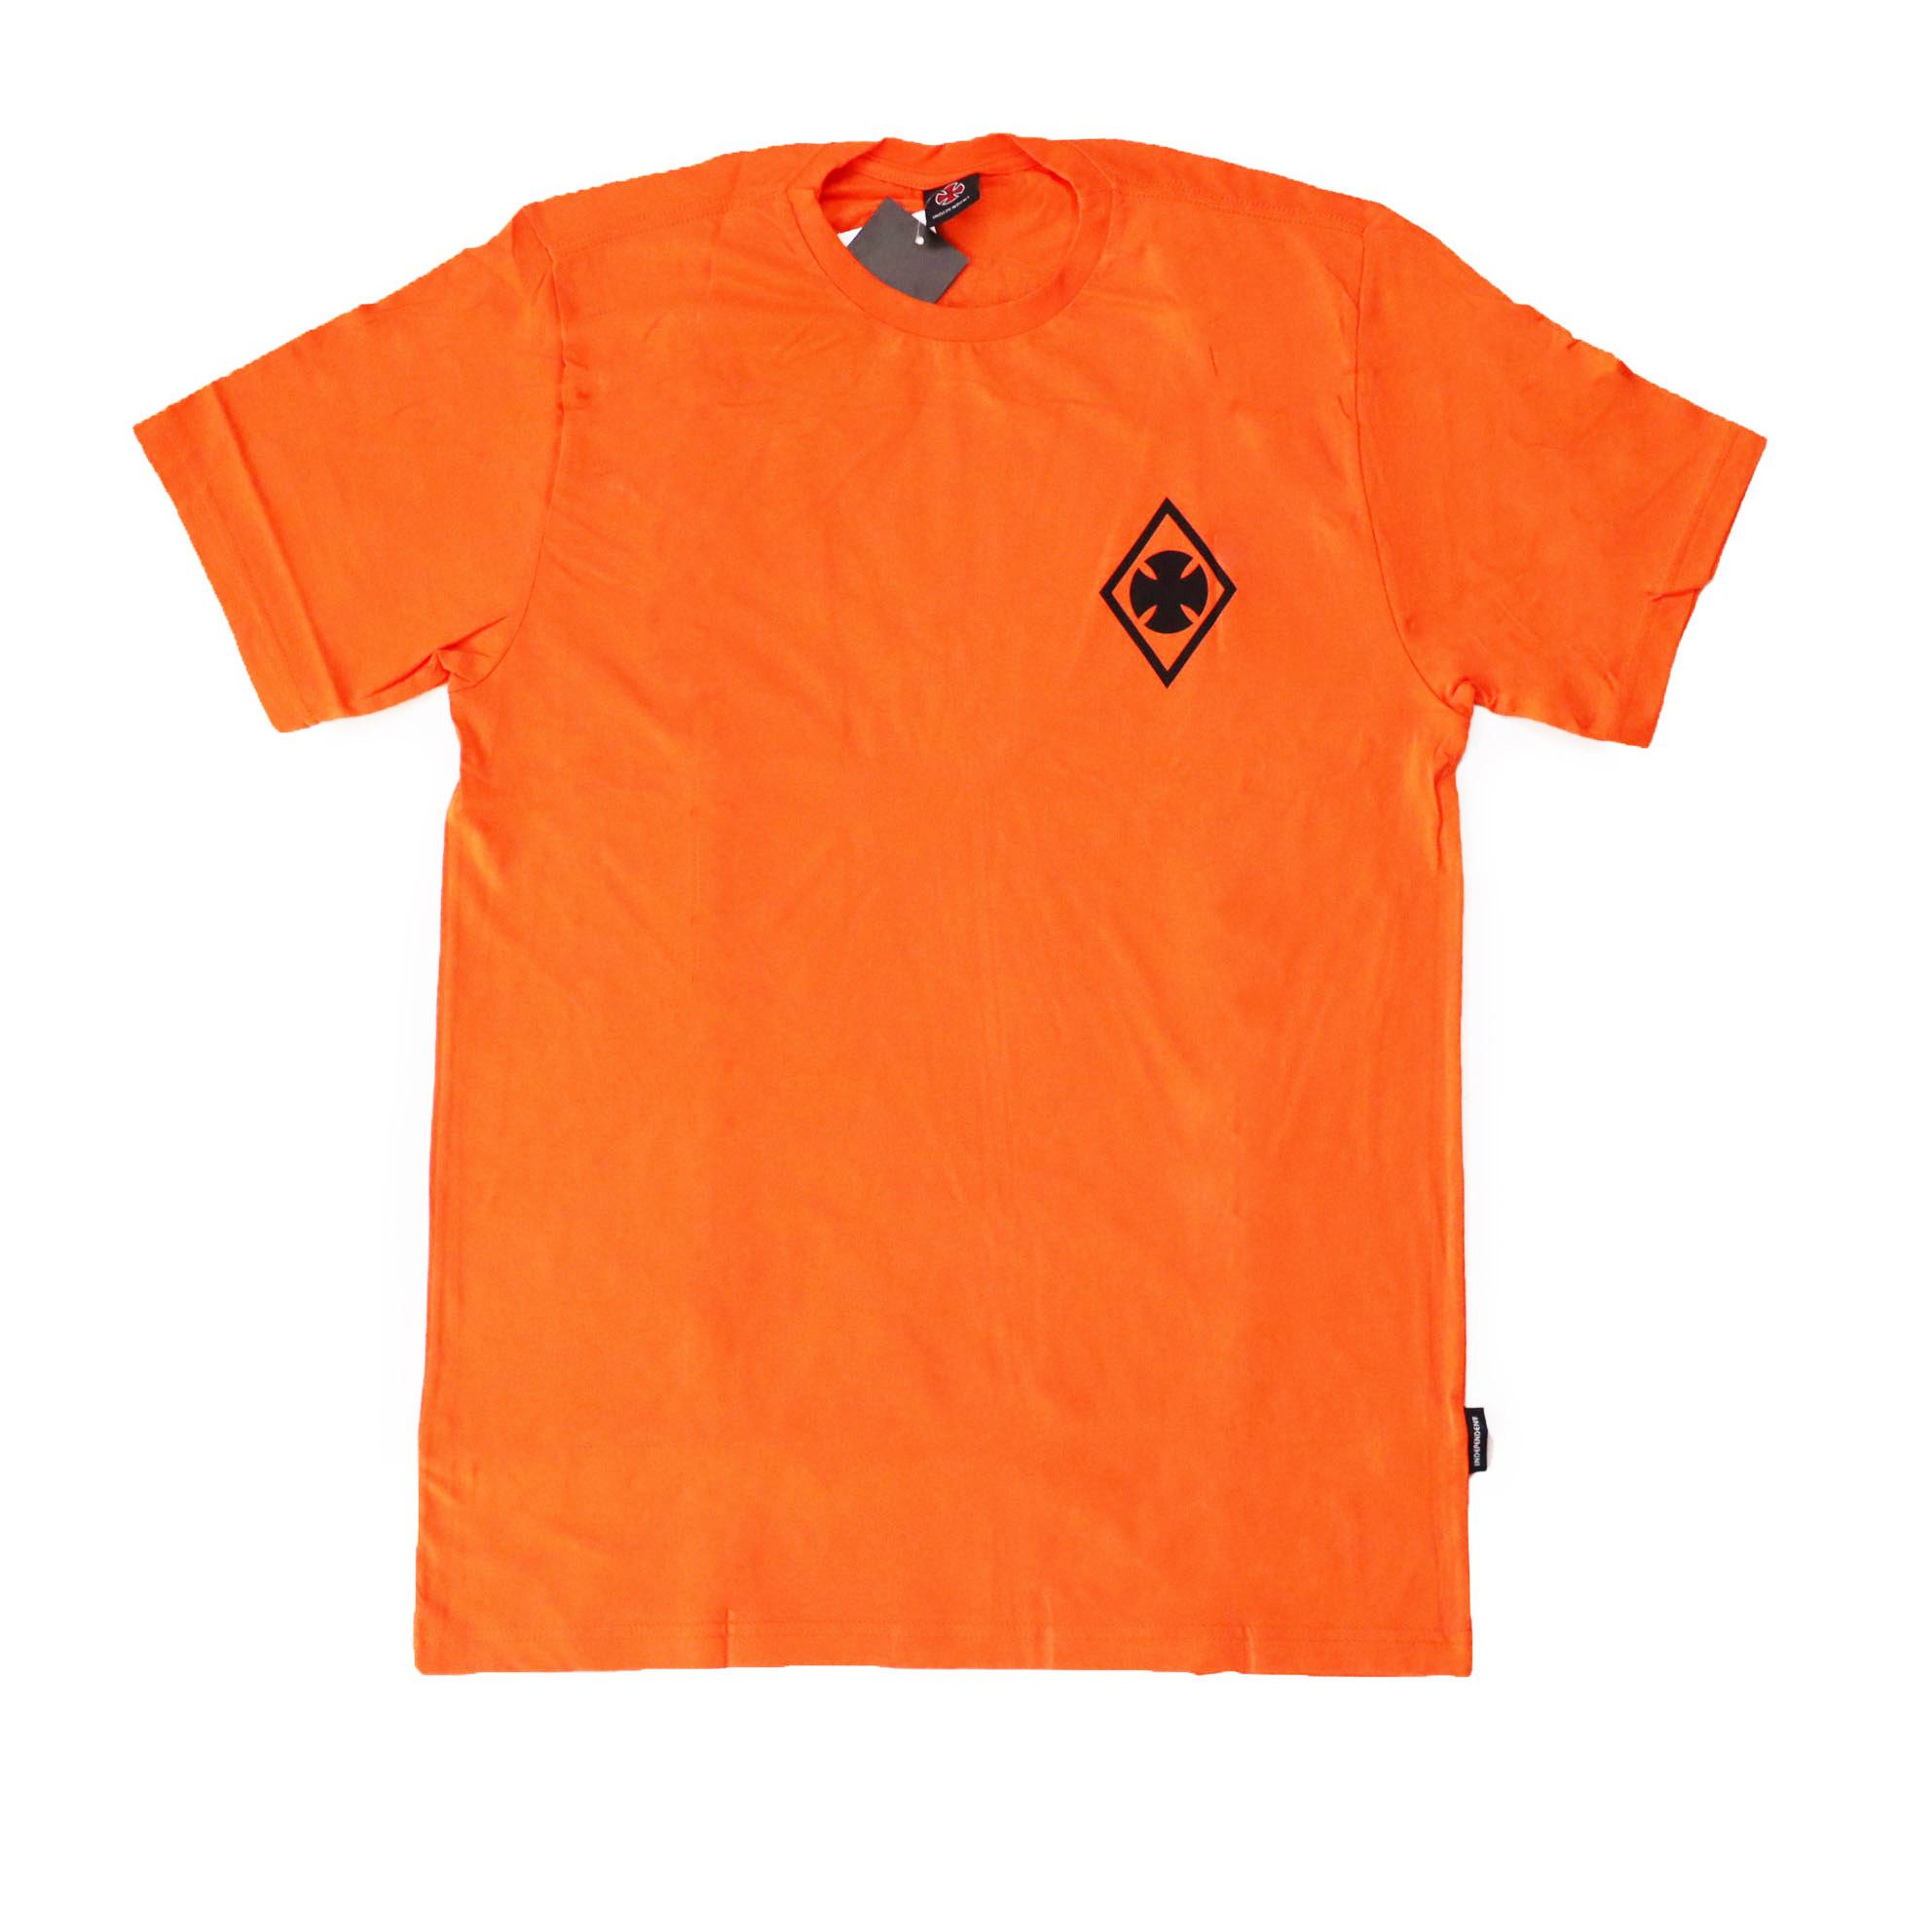 Camiseta Independent Ripped - Laranja